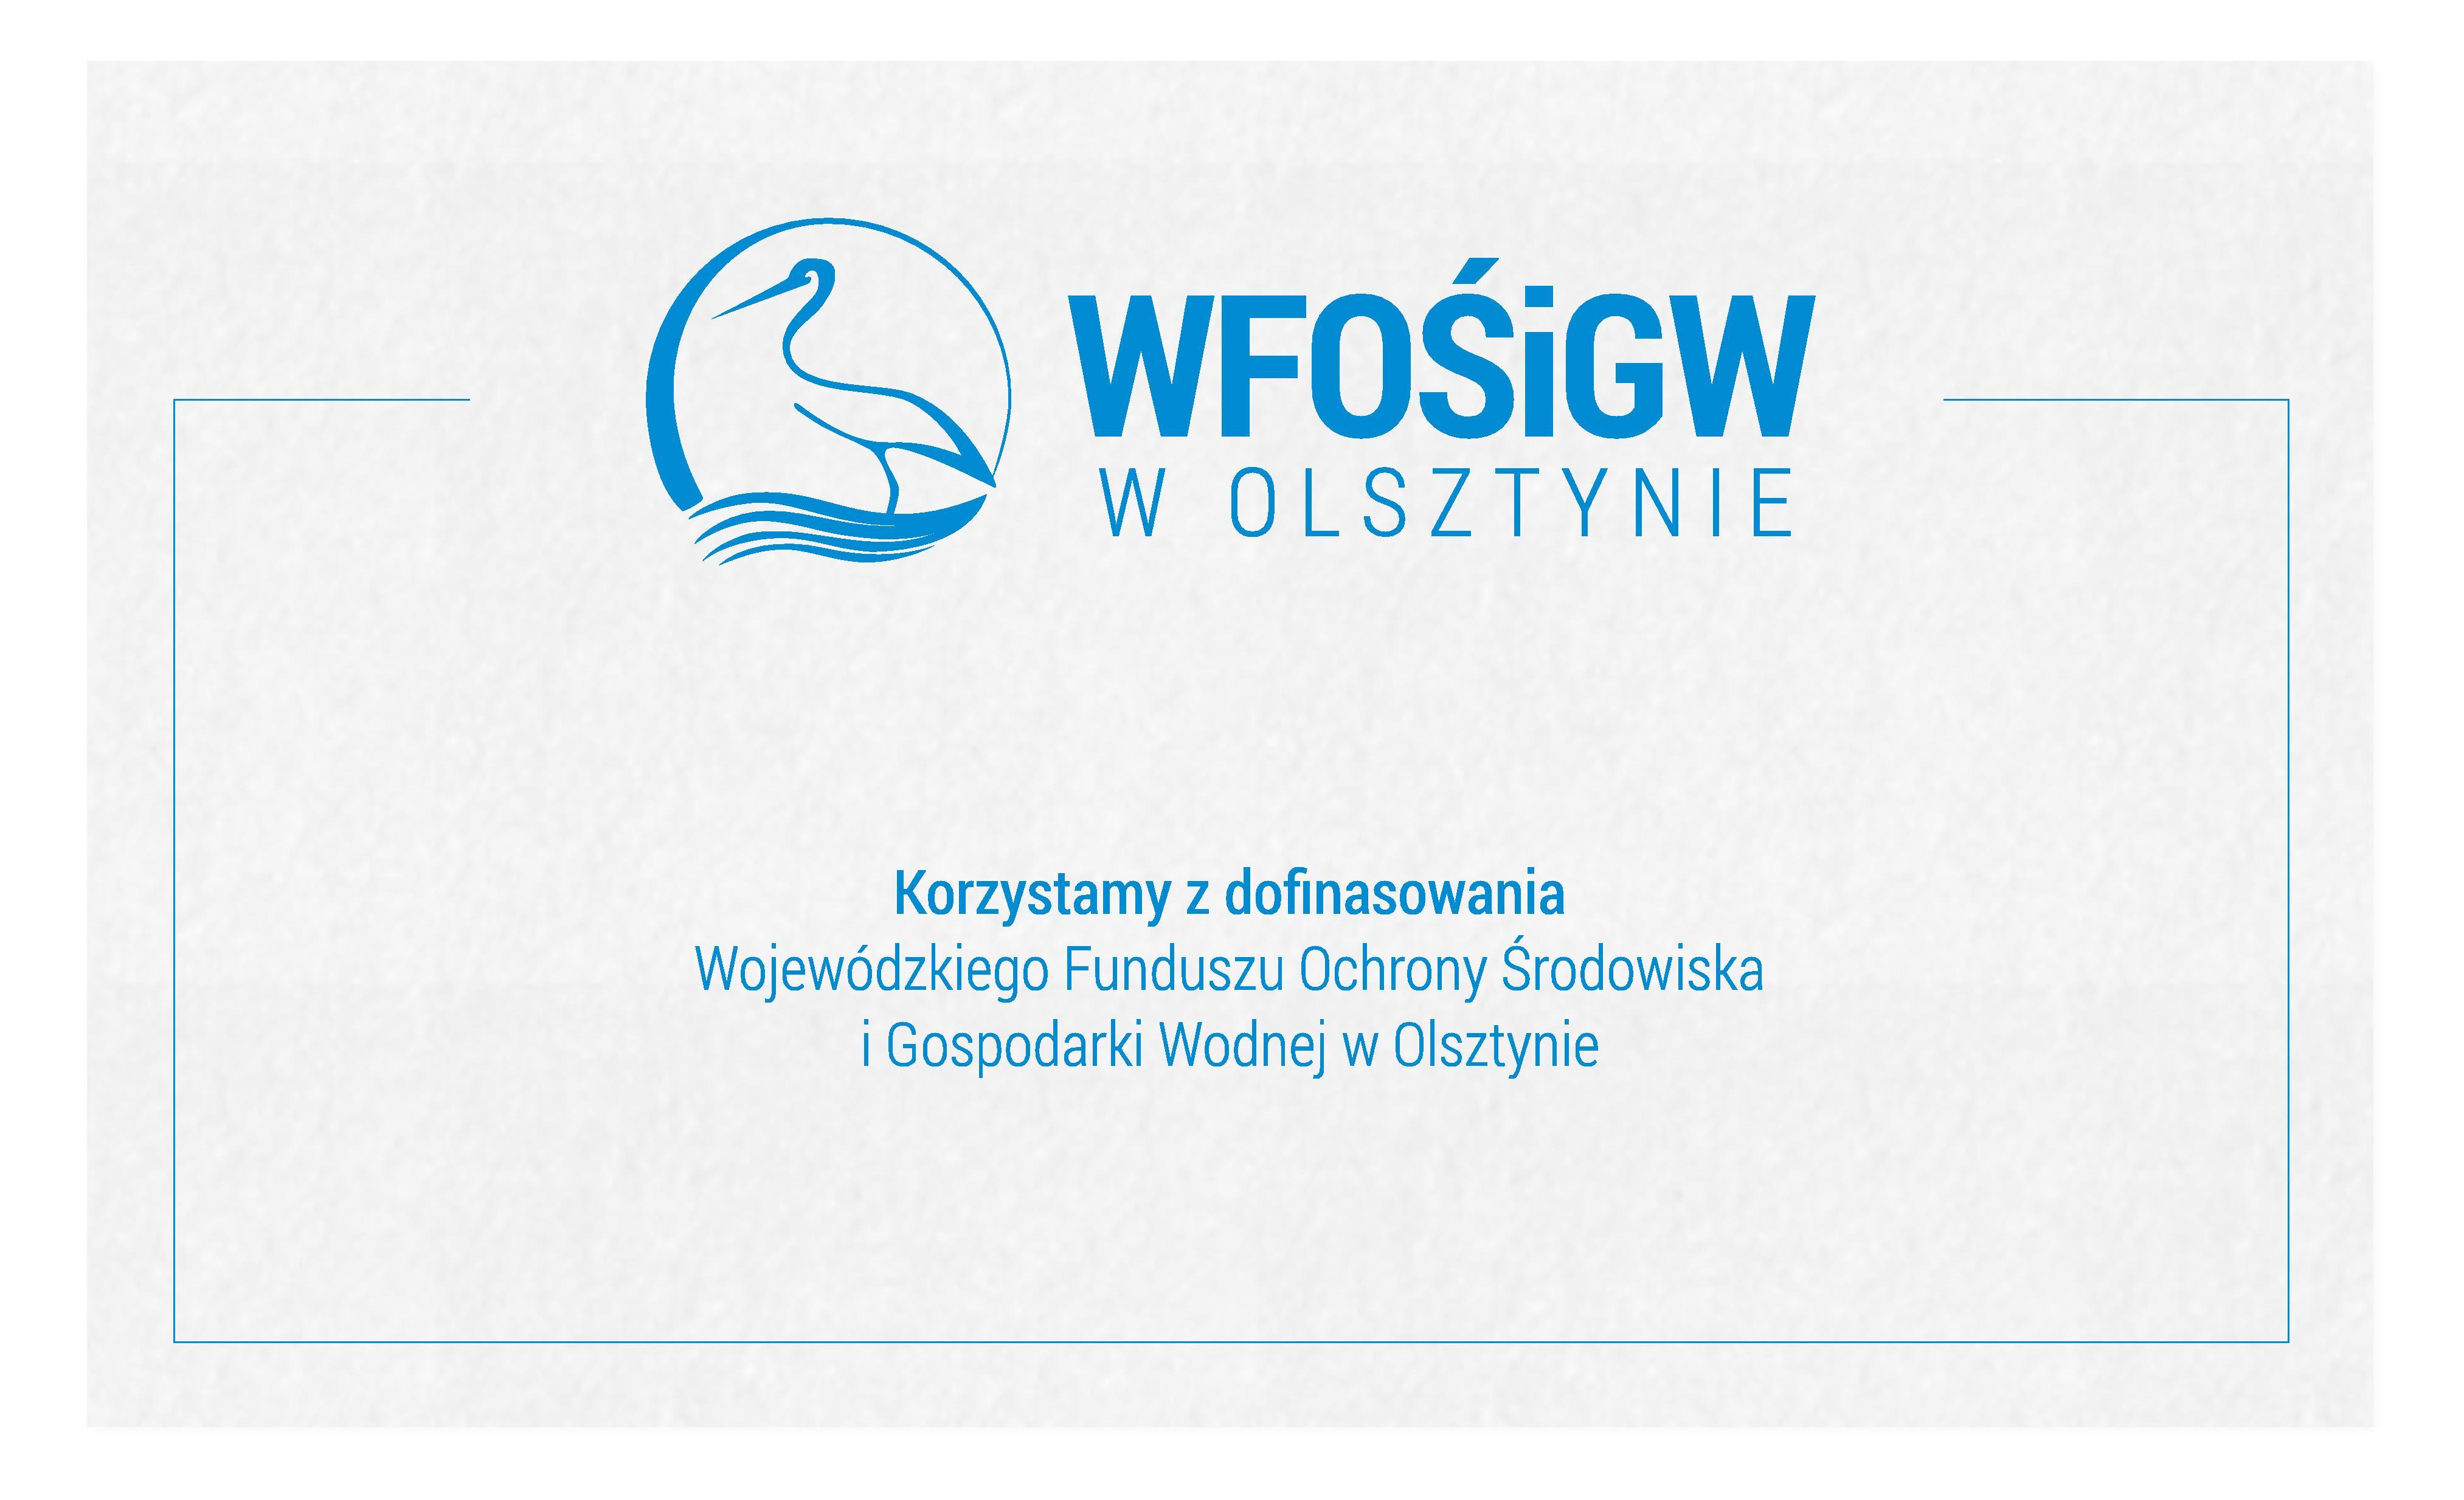 http://m.wmwm.pl/2016/12/orig/wfos-igw-tablica-page-001-5521.jpg